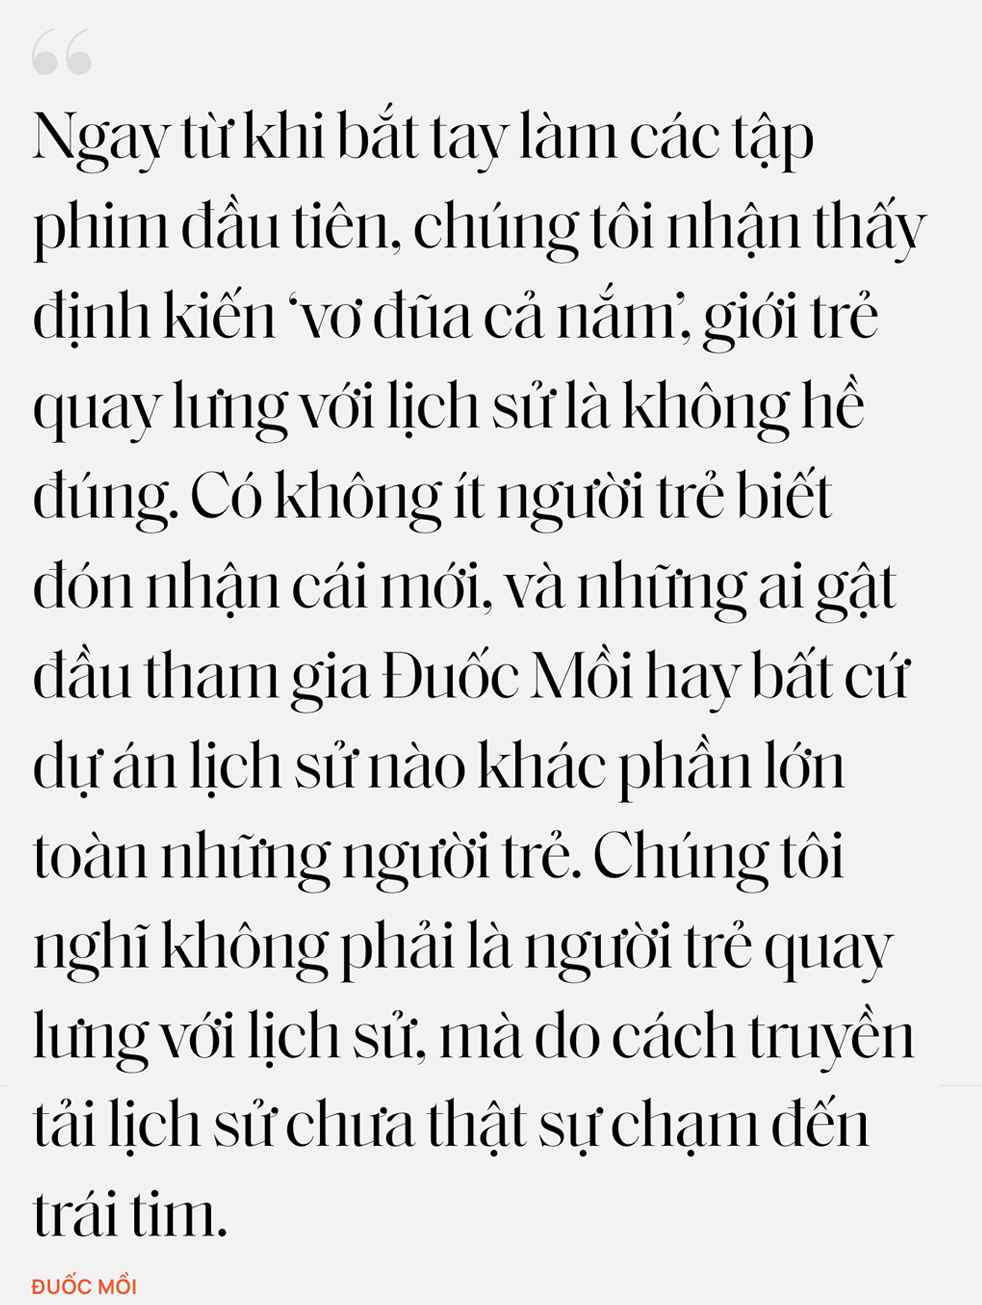 """Nhóm Đuốc Mồi và Việt sử kiêu hùng: """"Nói giới trẻ quay lưng với lịch sử là không đúng, thành công của Bình Ngô Đại Chiến chính là minh chứng"""" - Ảnh 15."""